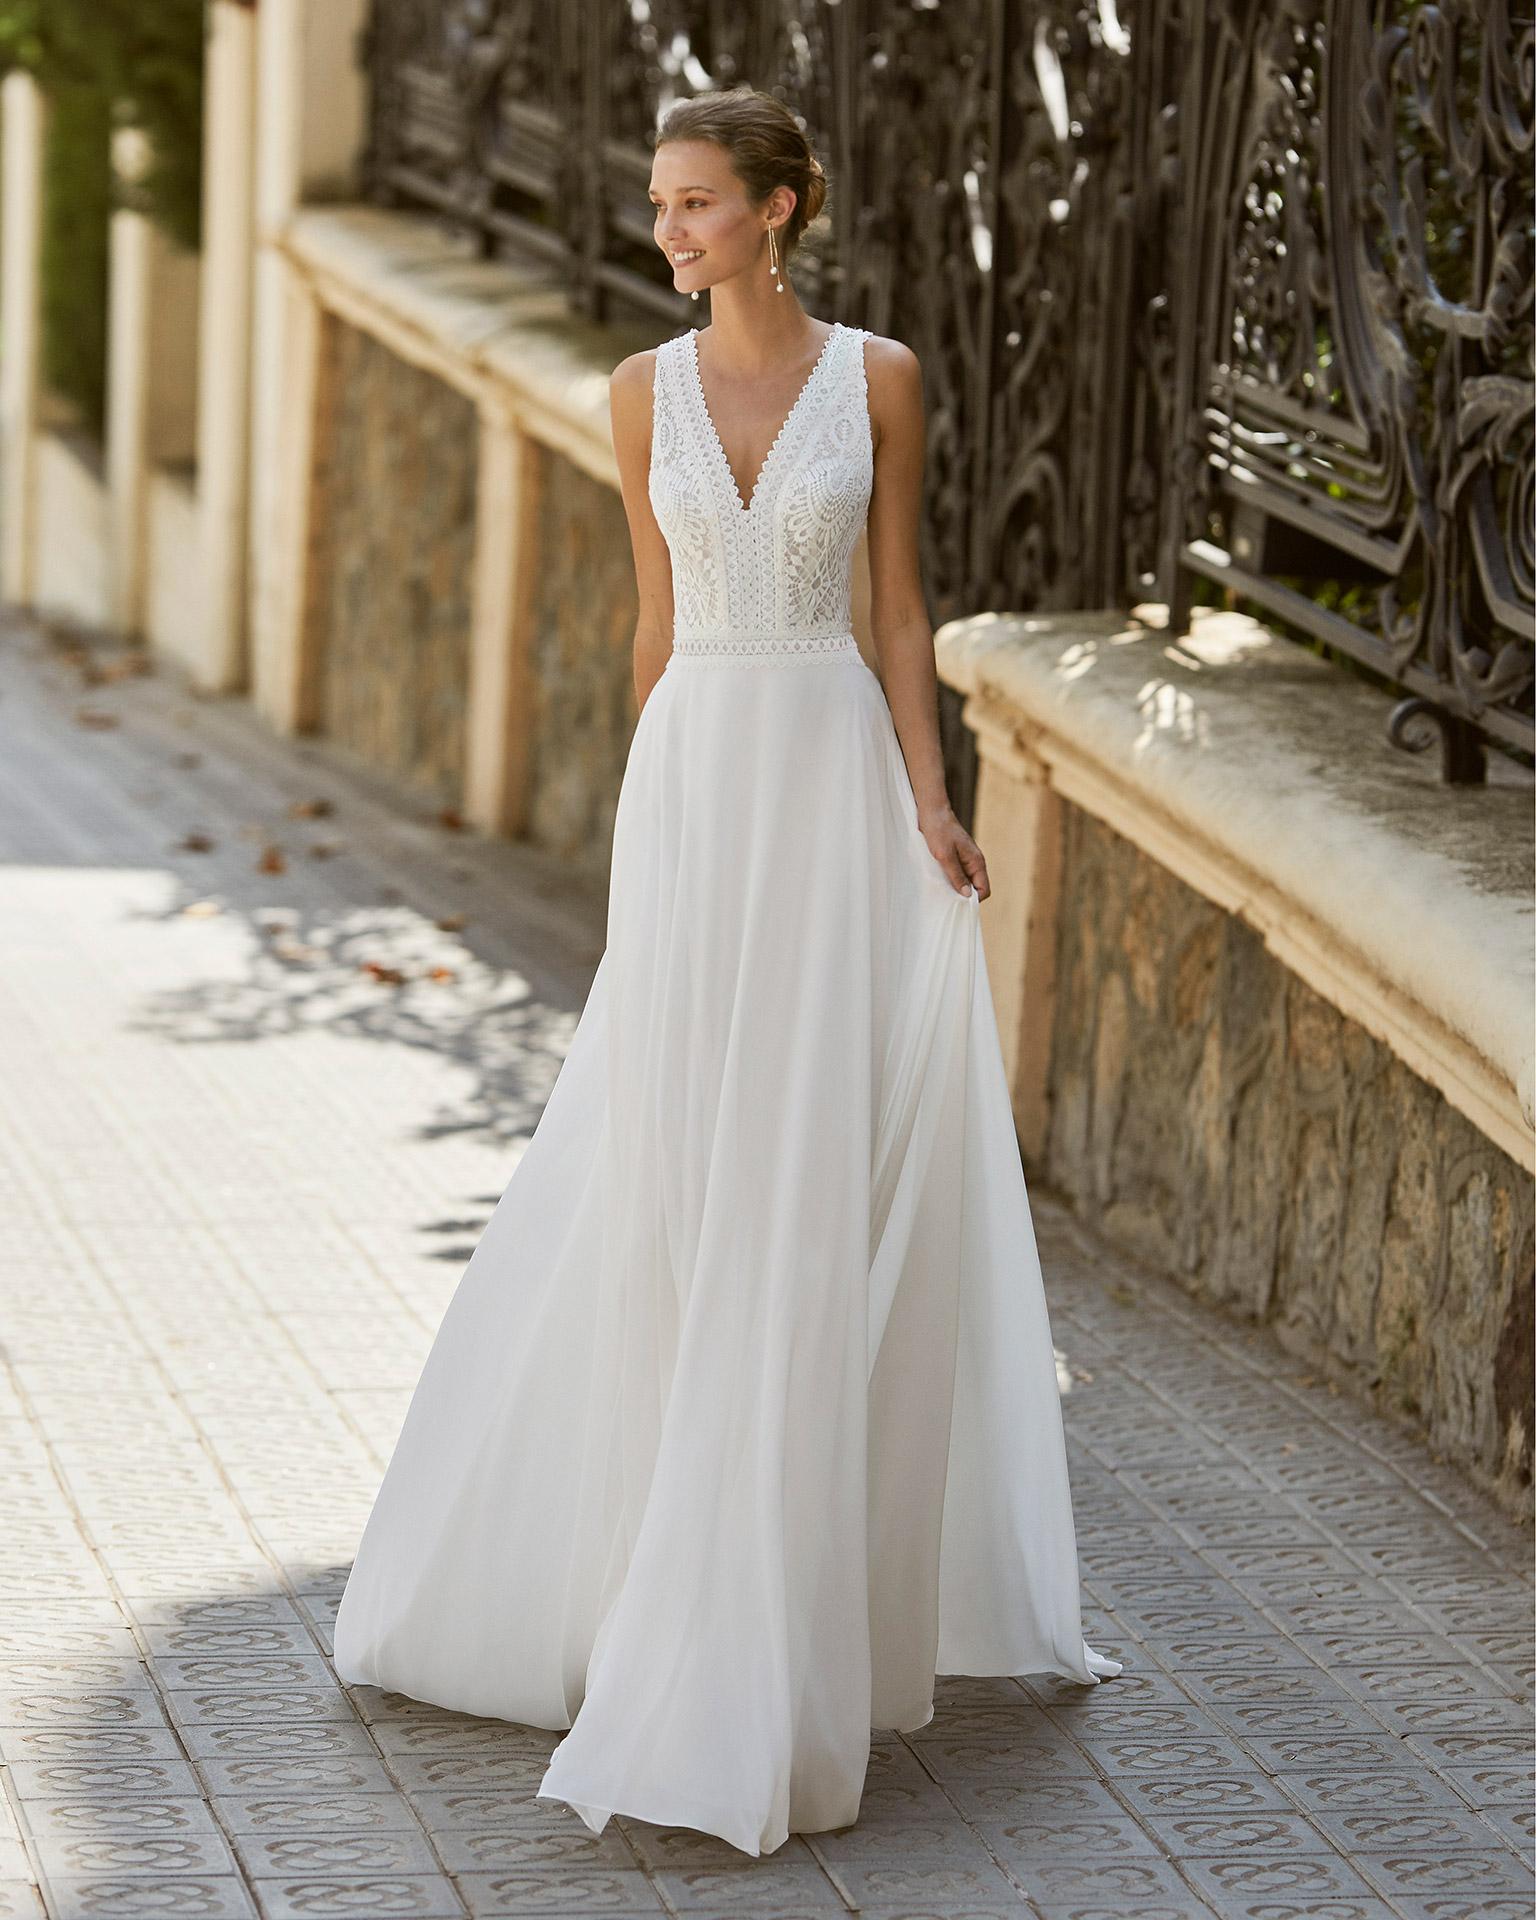 Vestido de novia ligero de gasa, encaje y pedrería en escotes y cintura. Escote en V y espalda abierta. Colección  2022.